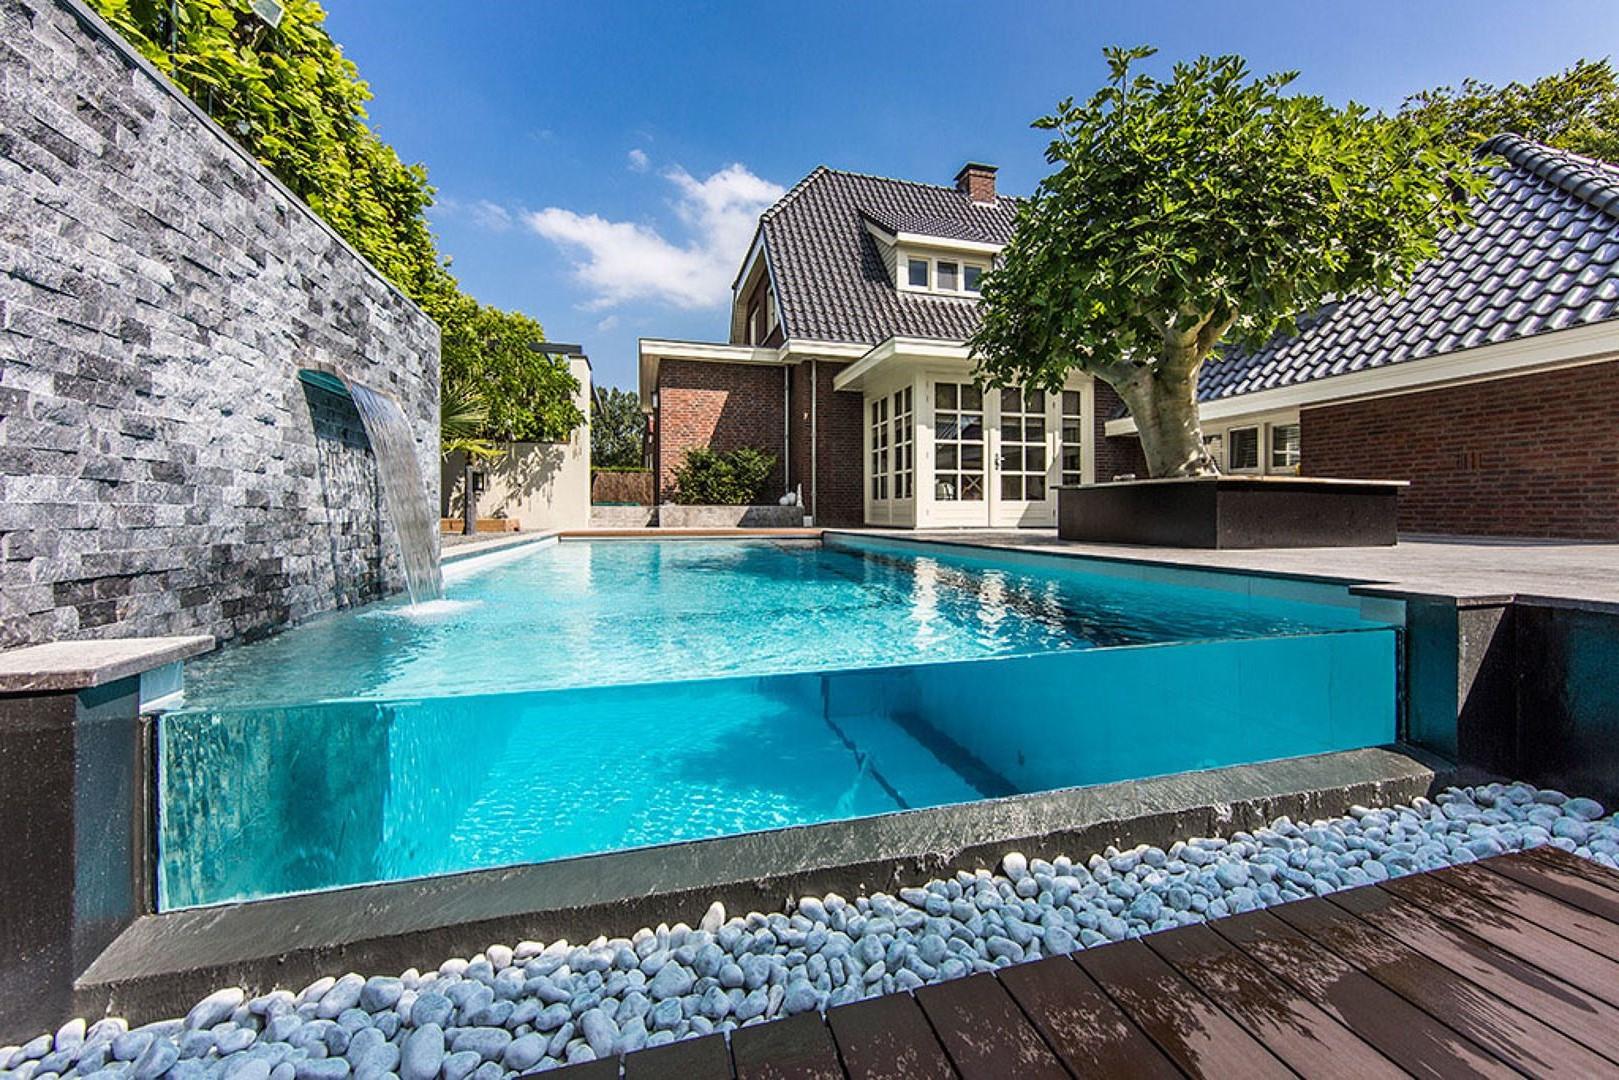 Sauf si le projet est très simple ou si vous avez des compétences sérieuses, une installation professionnelle est recommandée pour une piscine semi-enterrée.